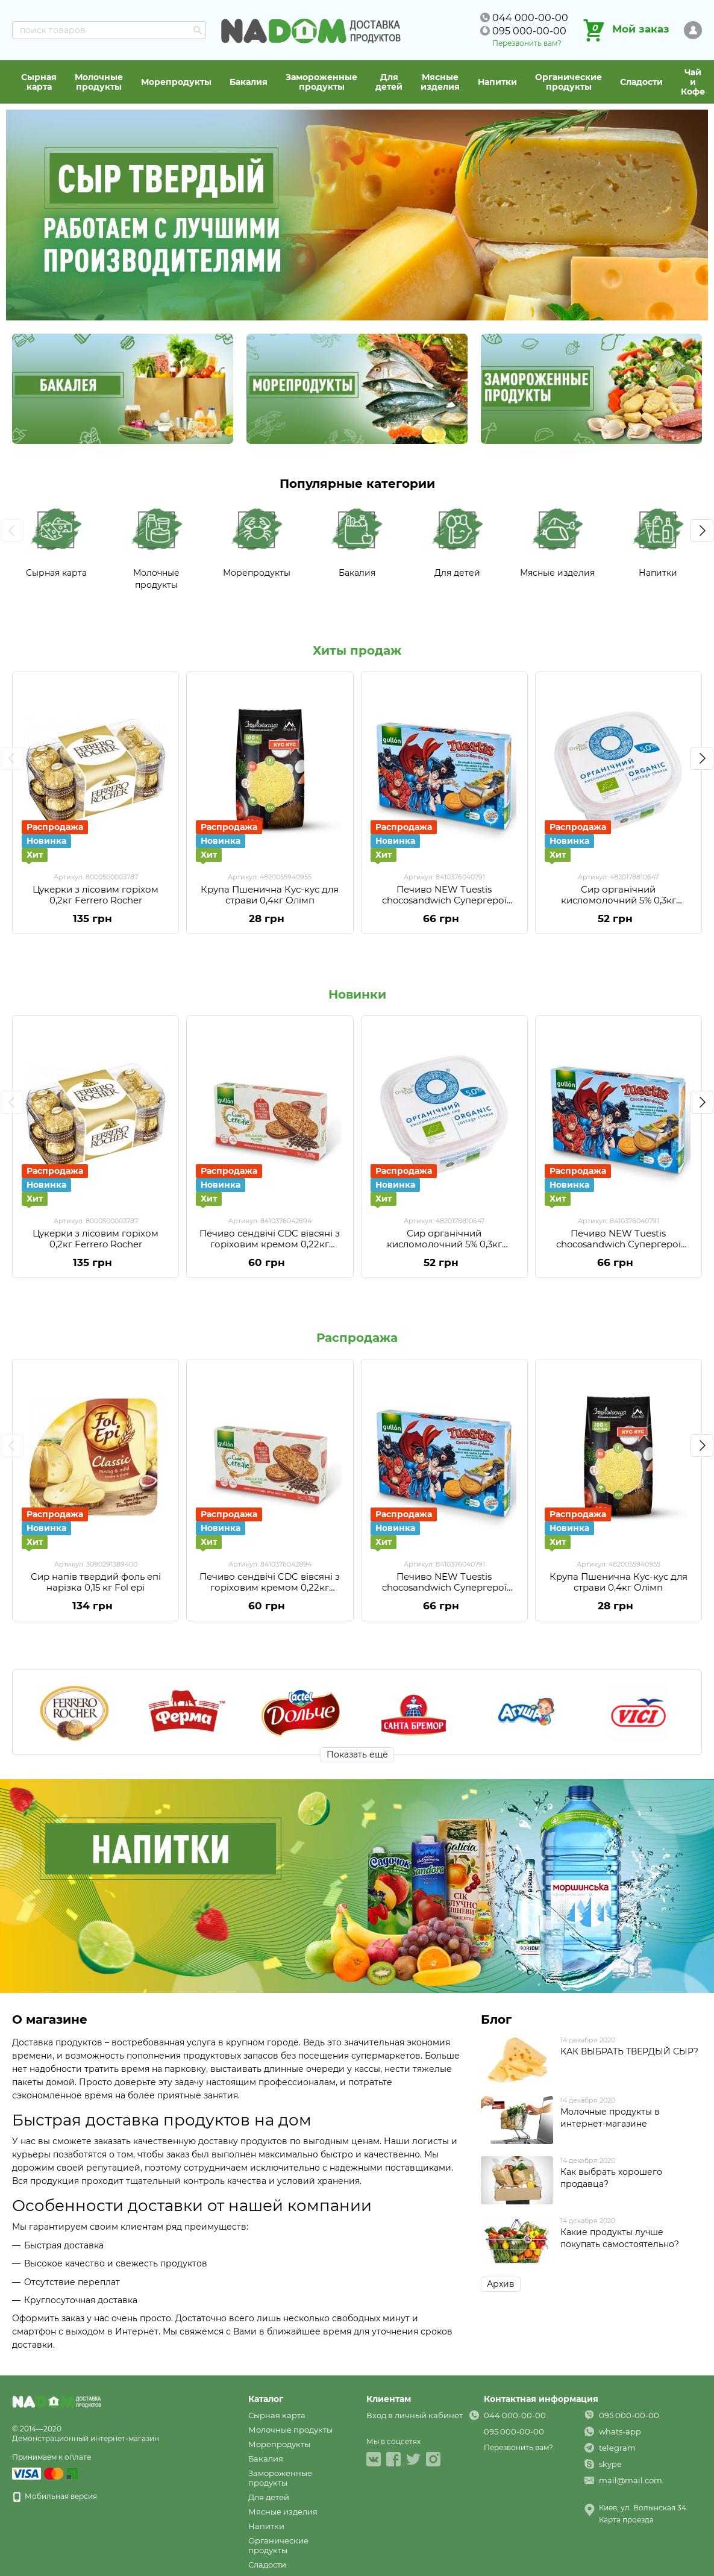 Пример дизайна сайта по доставке продуктов